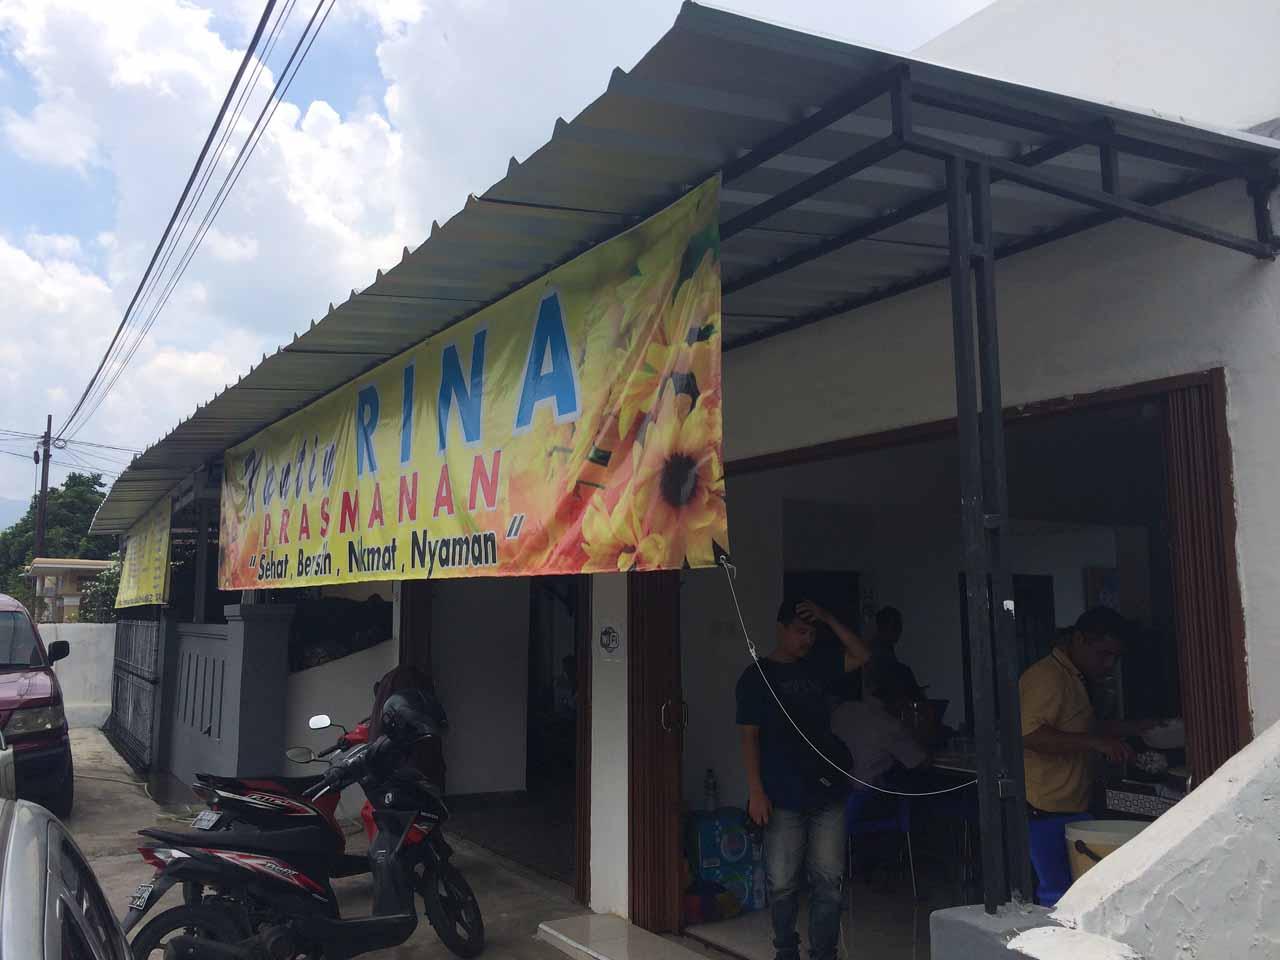 Kantin Rina - Tempat makan di bandar lampung - yopie pangkey - 6